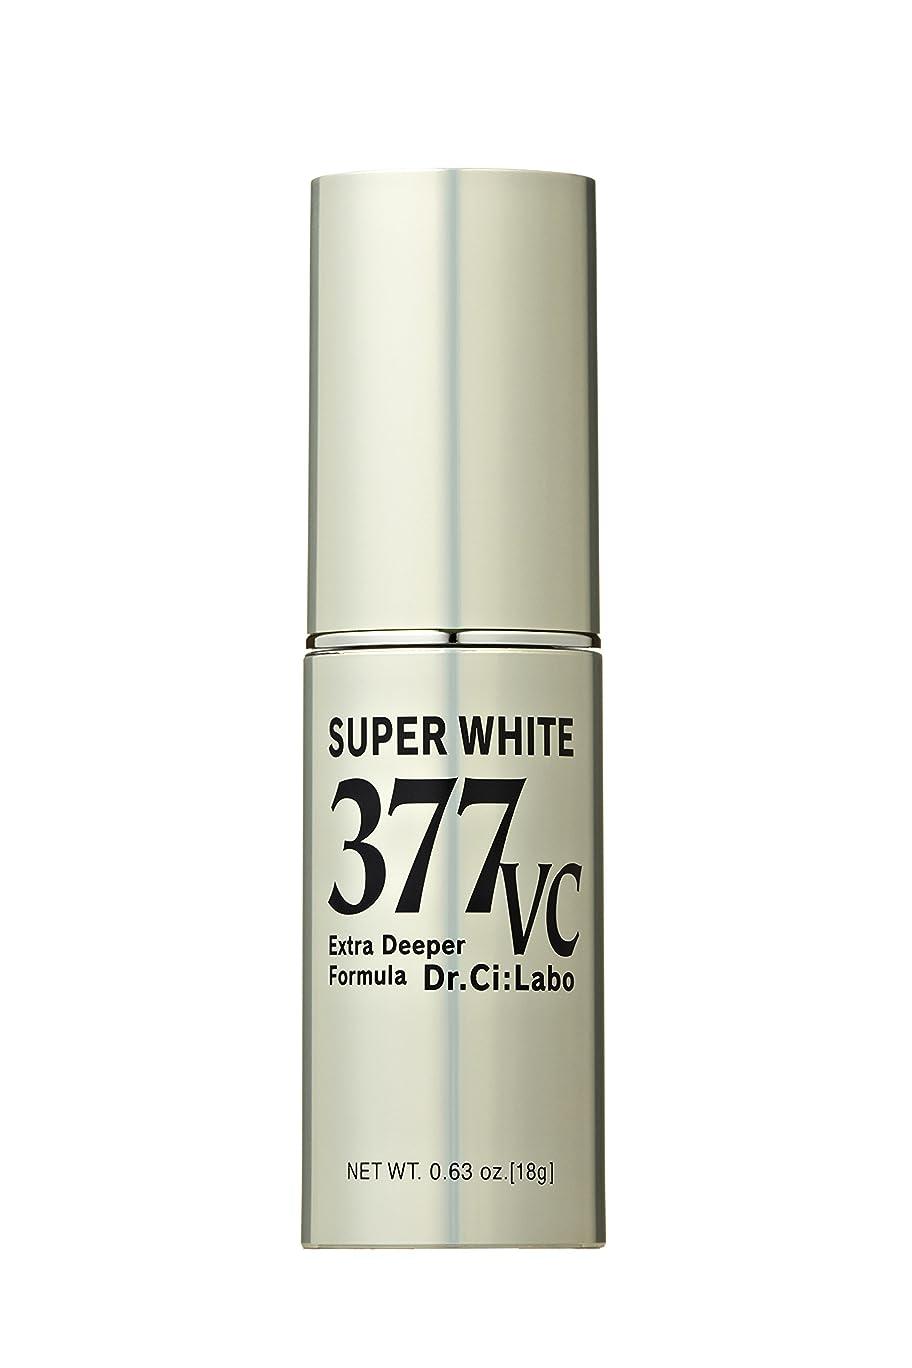 群衆期間振り返るドクターシーラボ スーパーホワイト377VC(ブイシー) 高浸透ビタミンC 美容液 18g